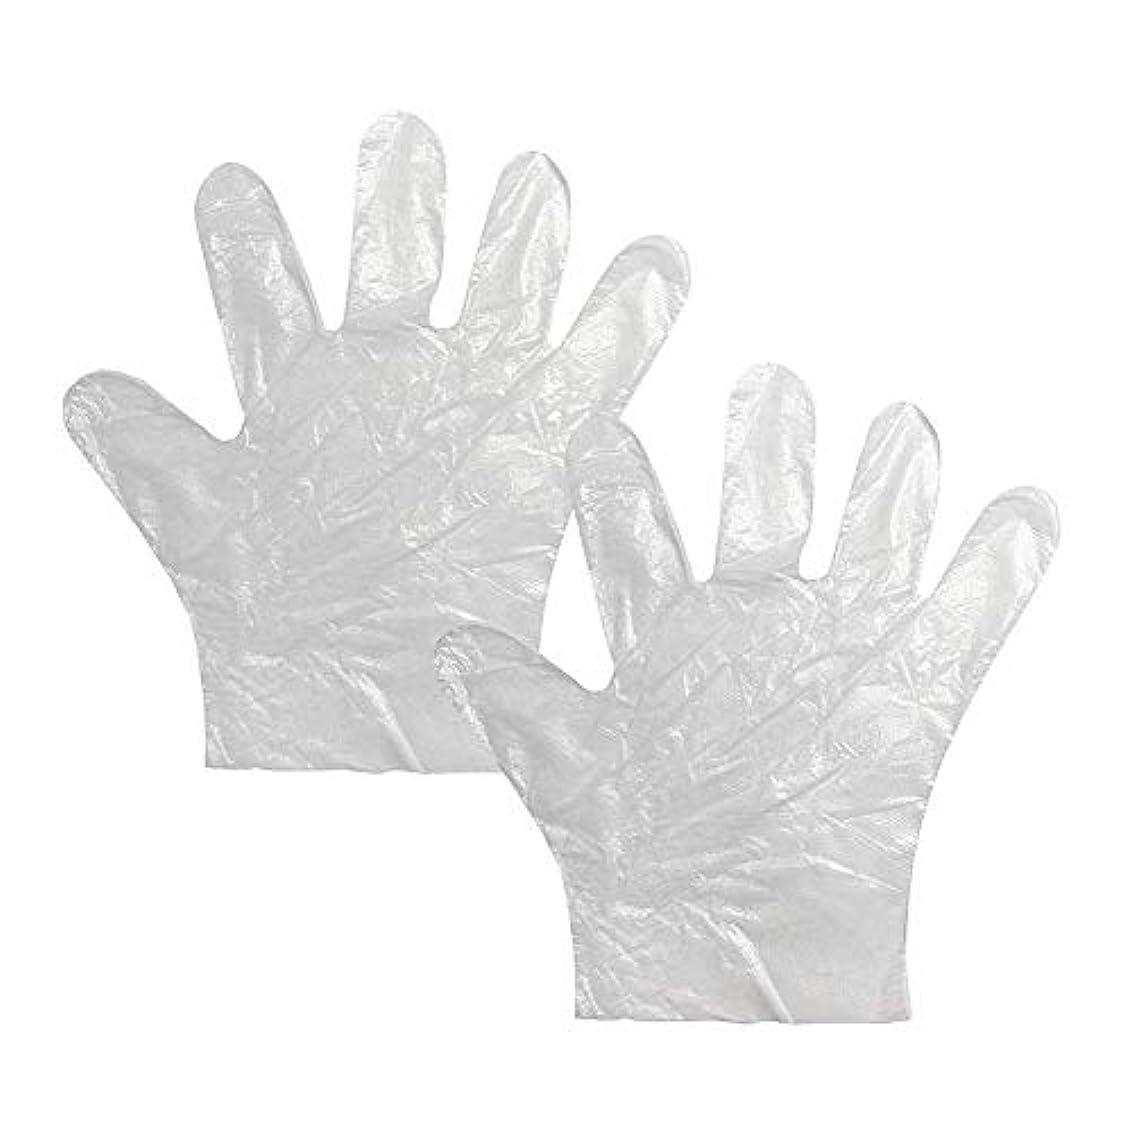 風が強い水っぽいバイバイ使い捨て手袋 極薄ビニール手袋 ポリエチレン 透明 実用 衛生 100枚*2セット